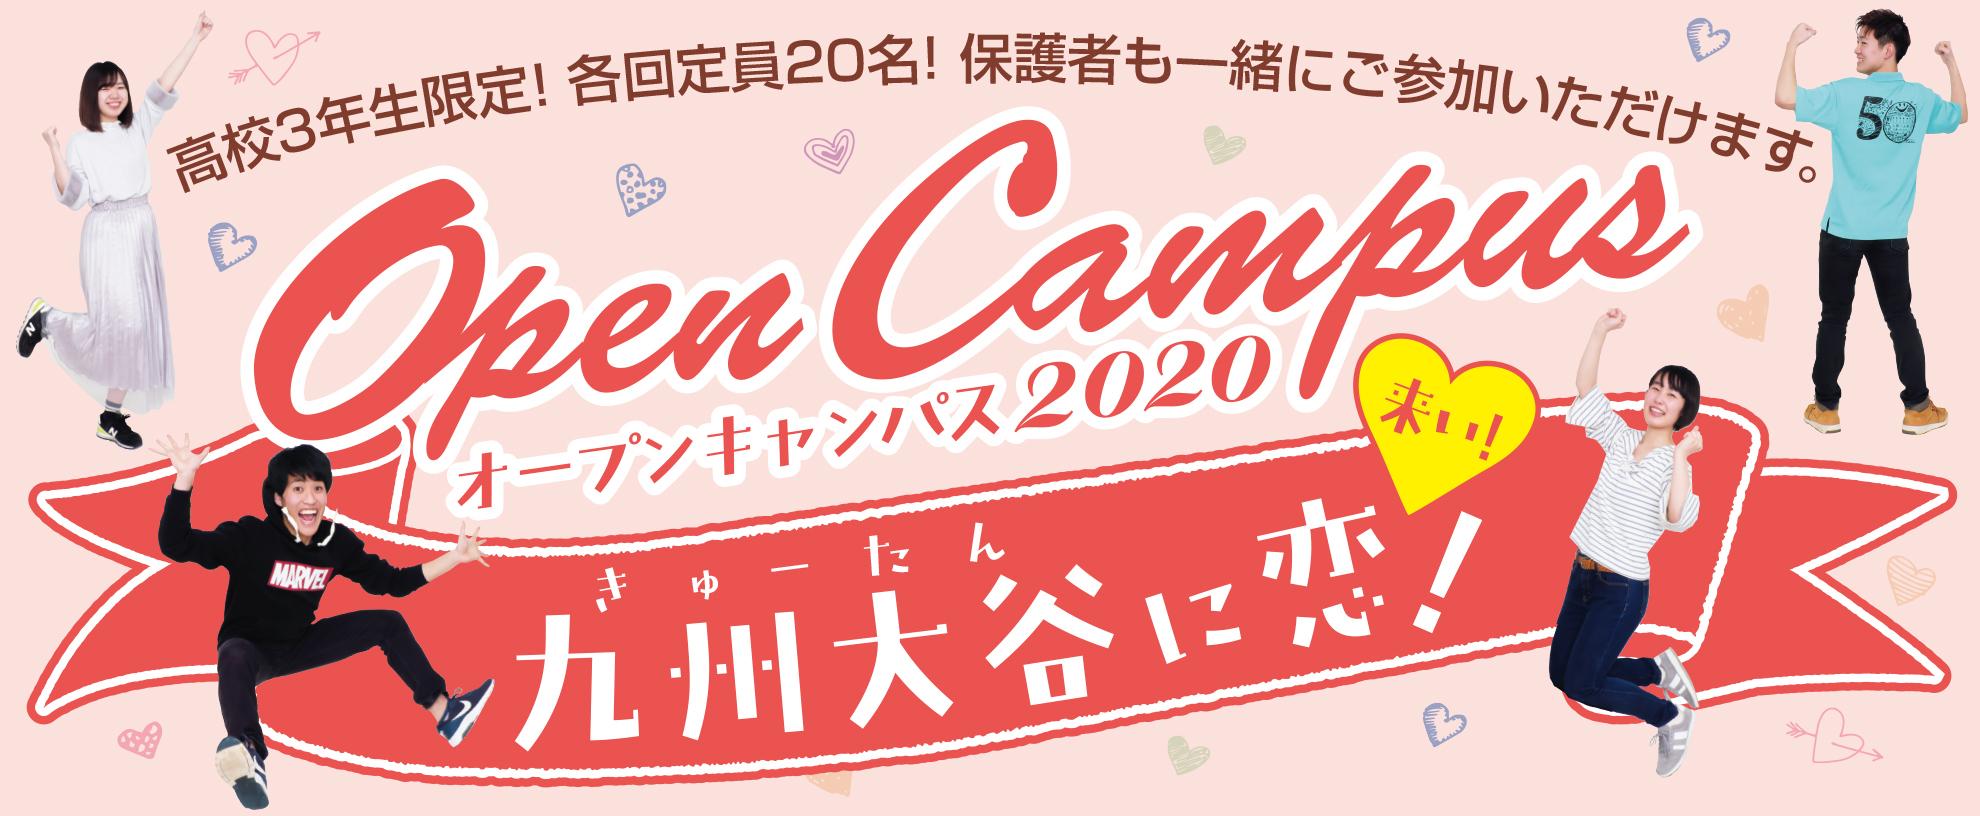 オープンキャンパス2020タイトル画像